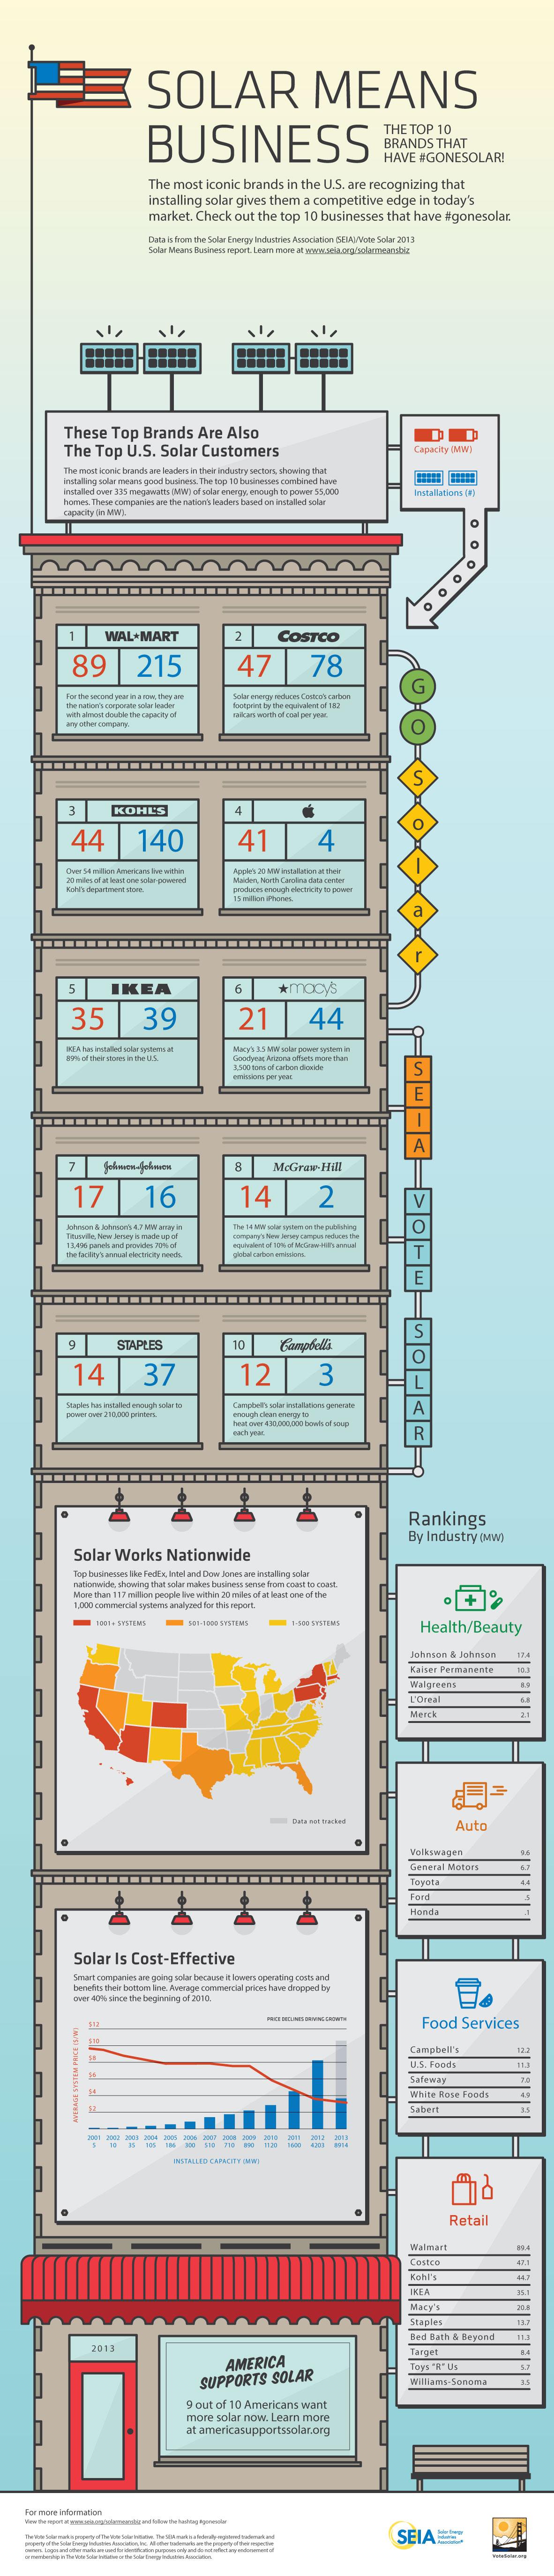 Solar_2013_Infographic_0